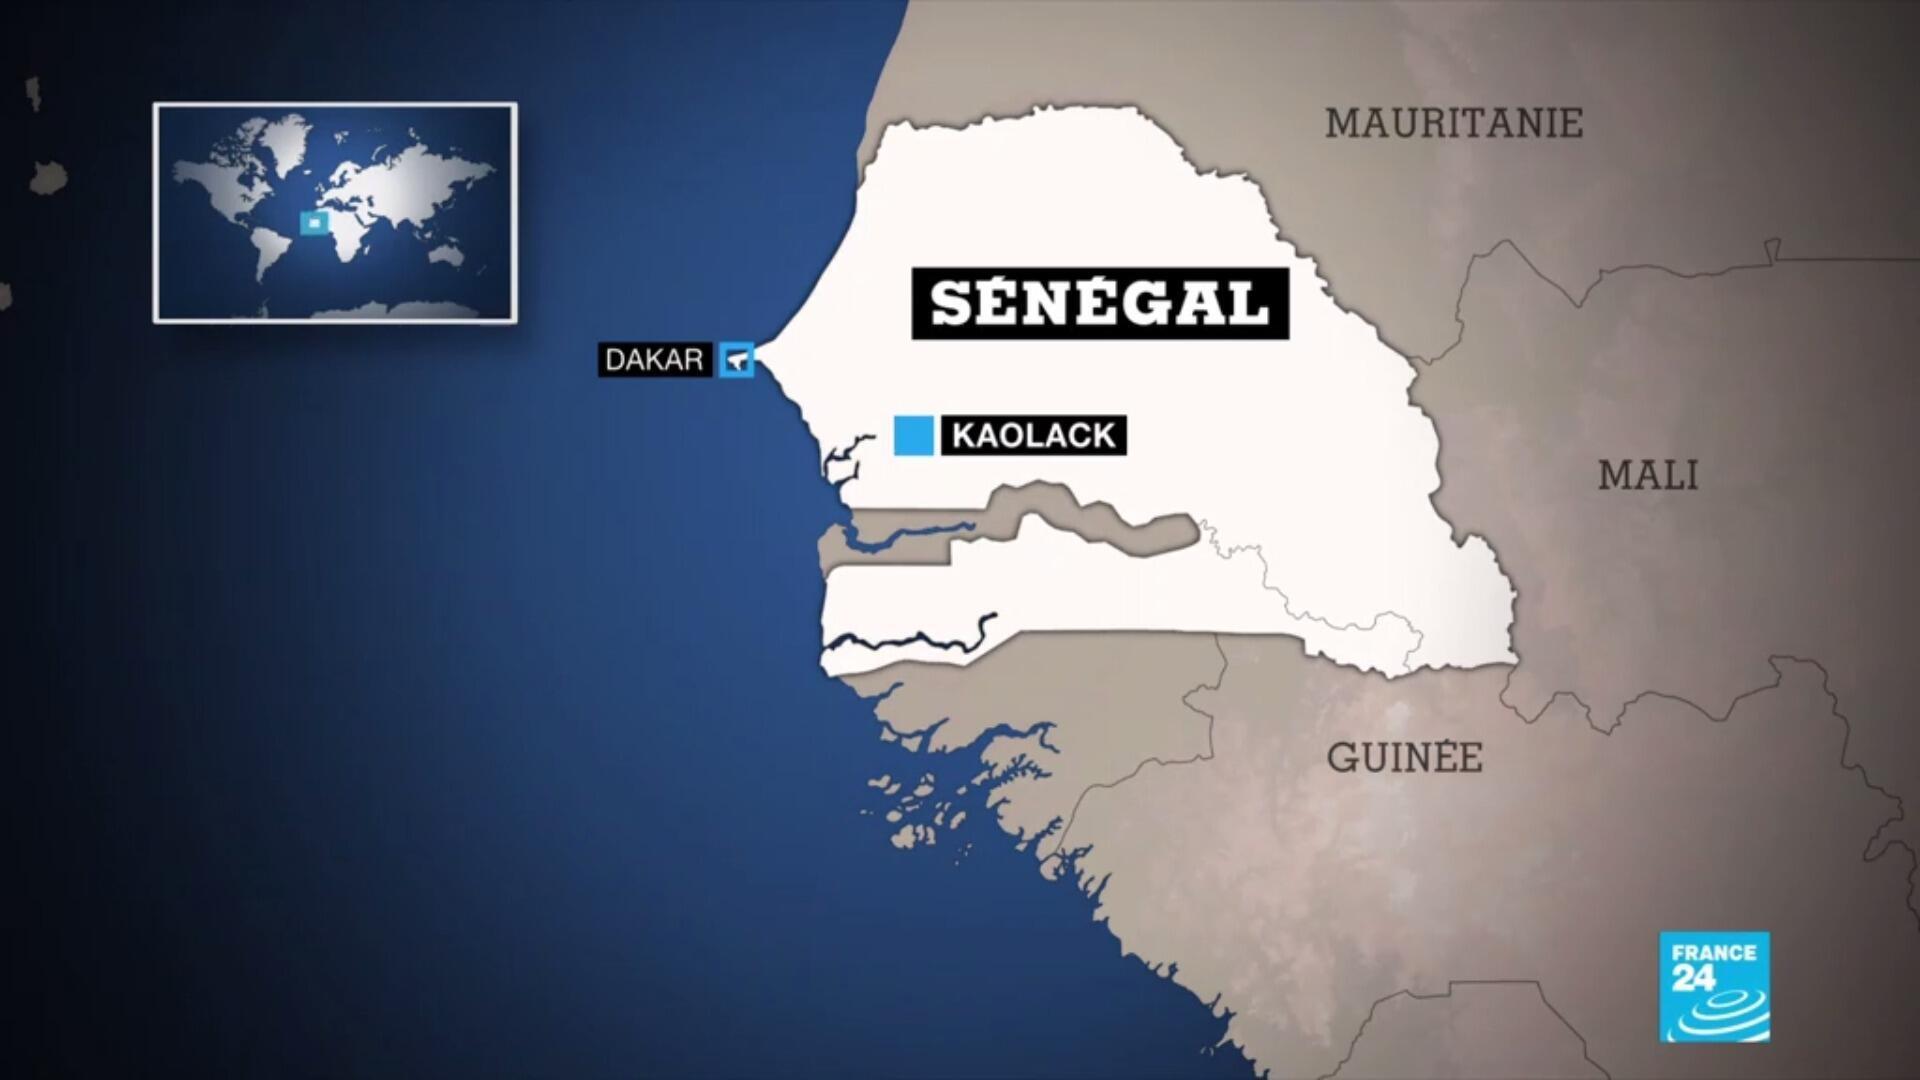 De fortes crues ont touché les régions de Dakar et de Kaolack, au Sénégal, les 5 et 6 septembre 2020.